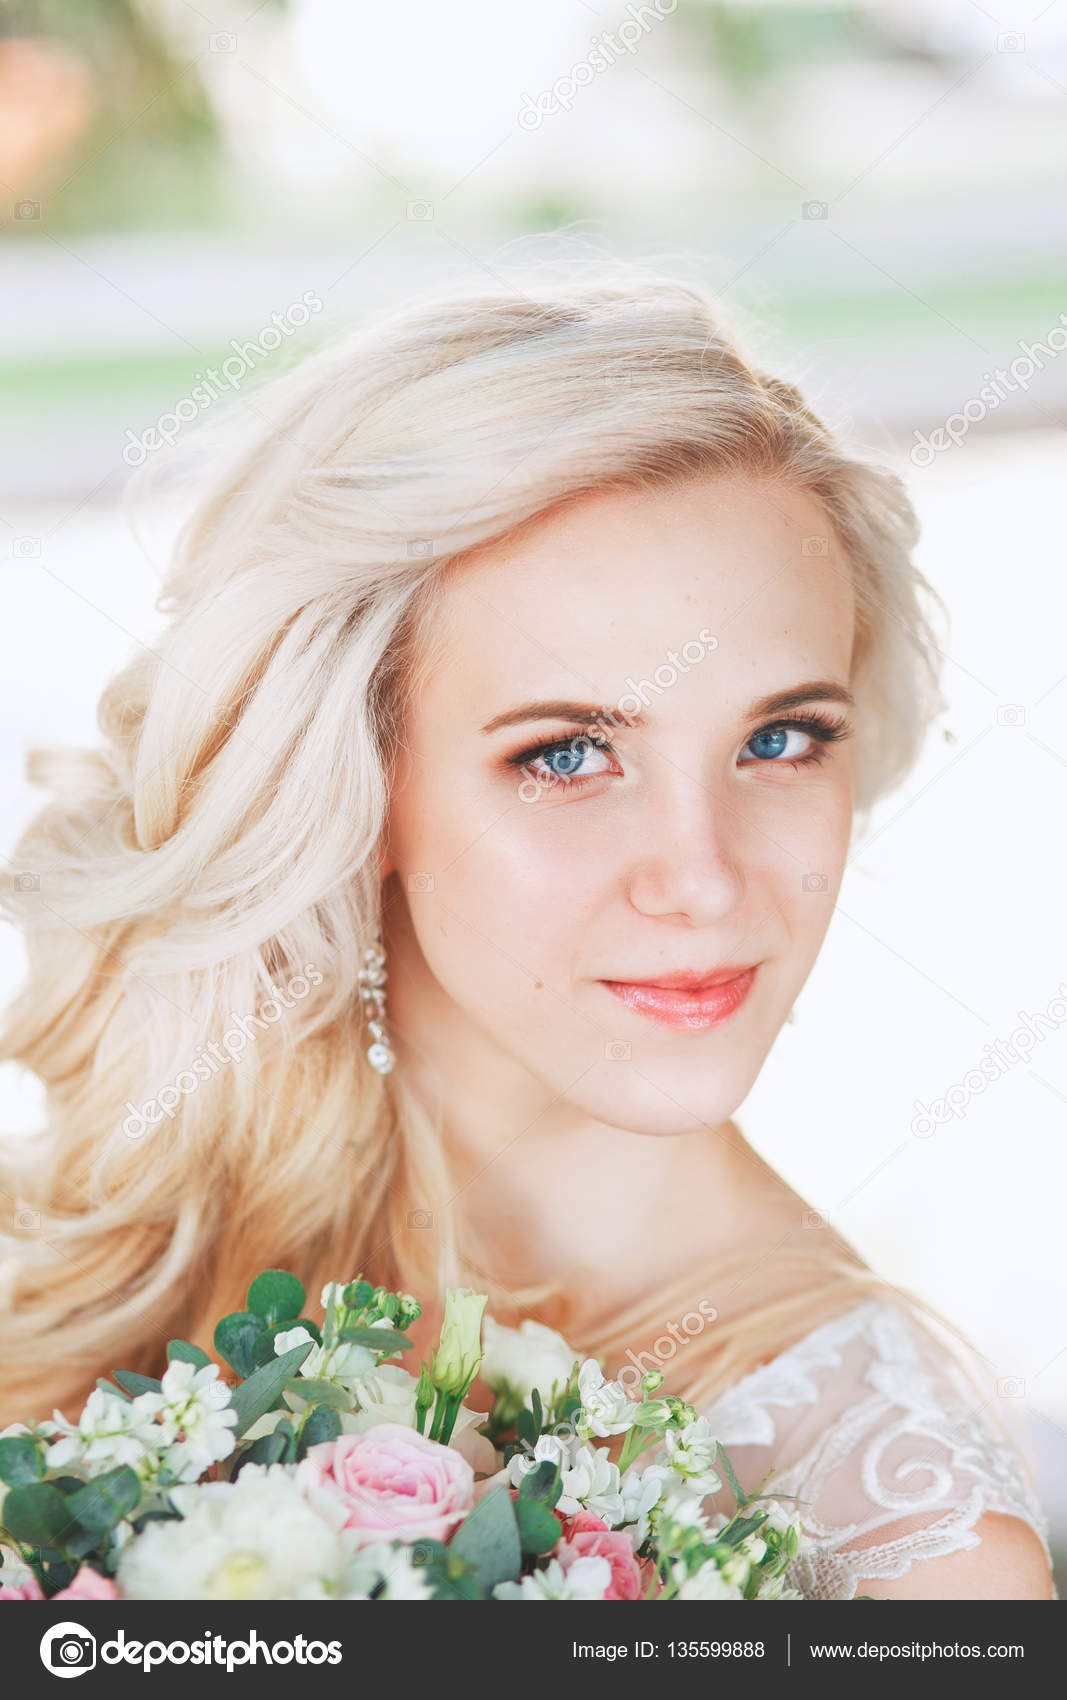 ff445e2cb4e2ea Красива наречена портрет Весільний макіяж і зачіску, блондинка дівчинка в  моделі ювелірні вироби мода нареченої чудовий краси, посміхаючись щаслива  наречена ...